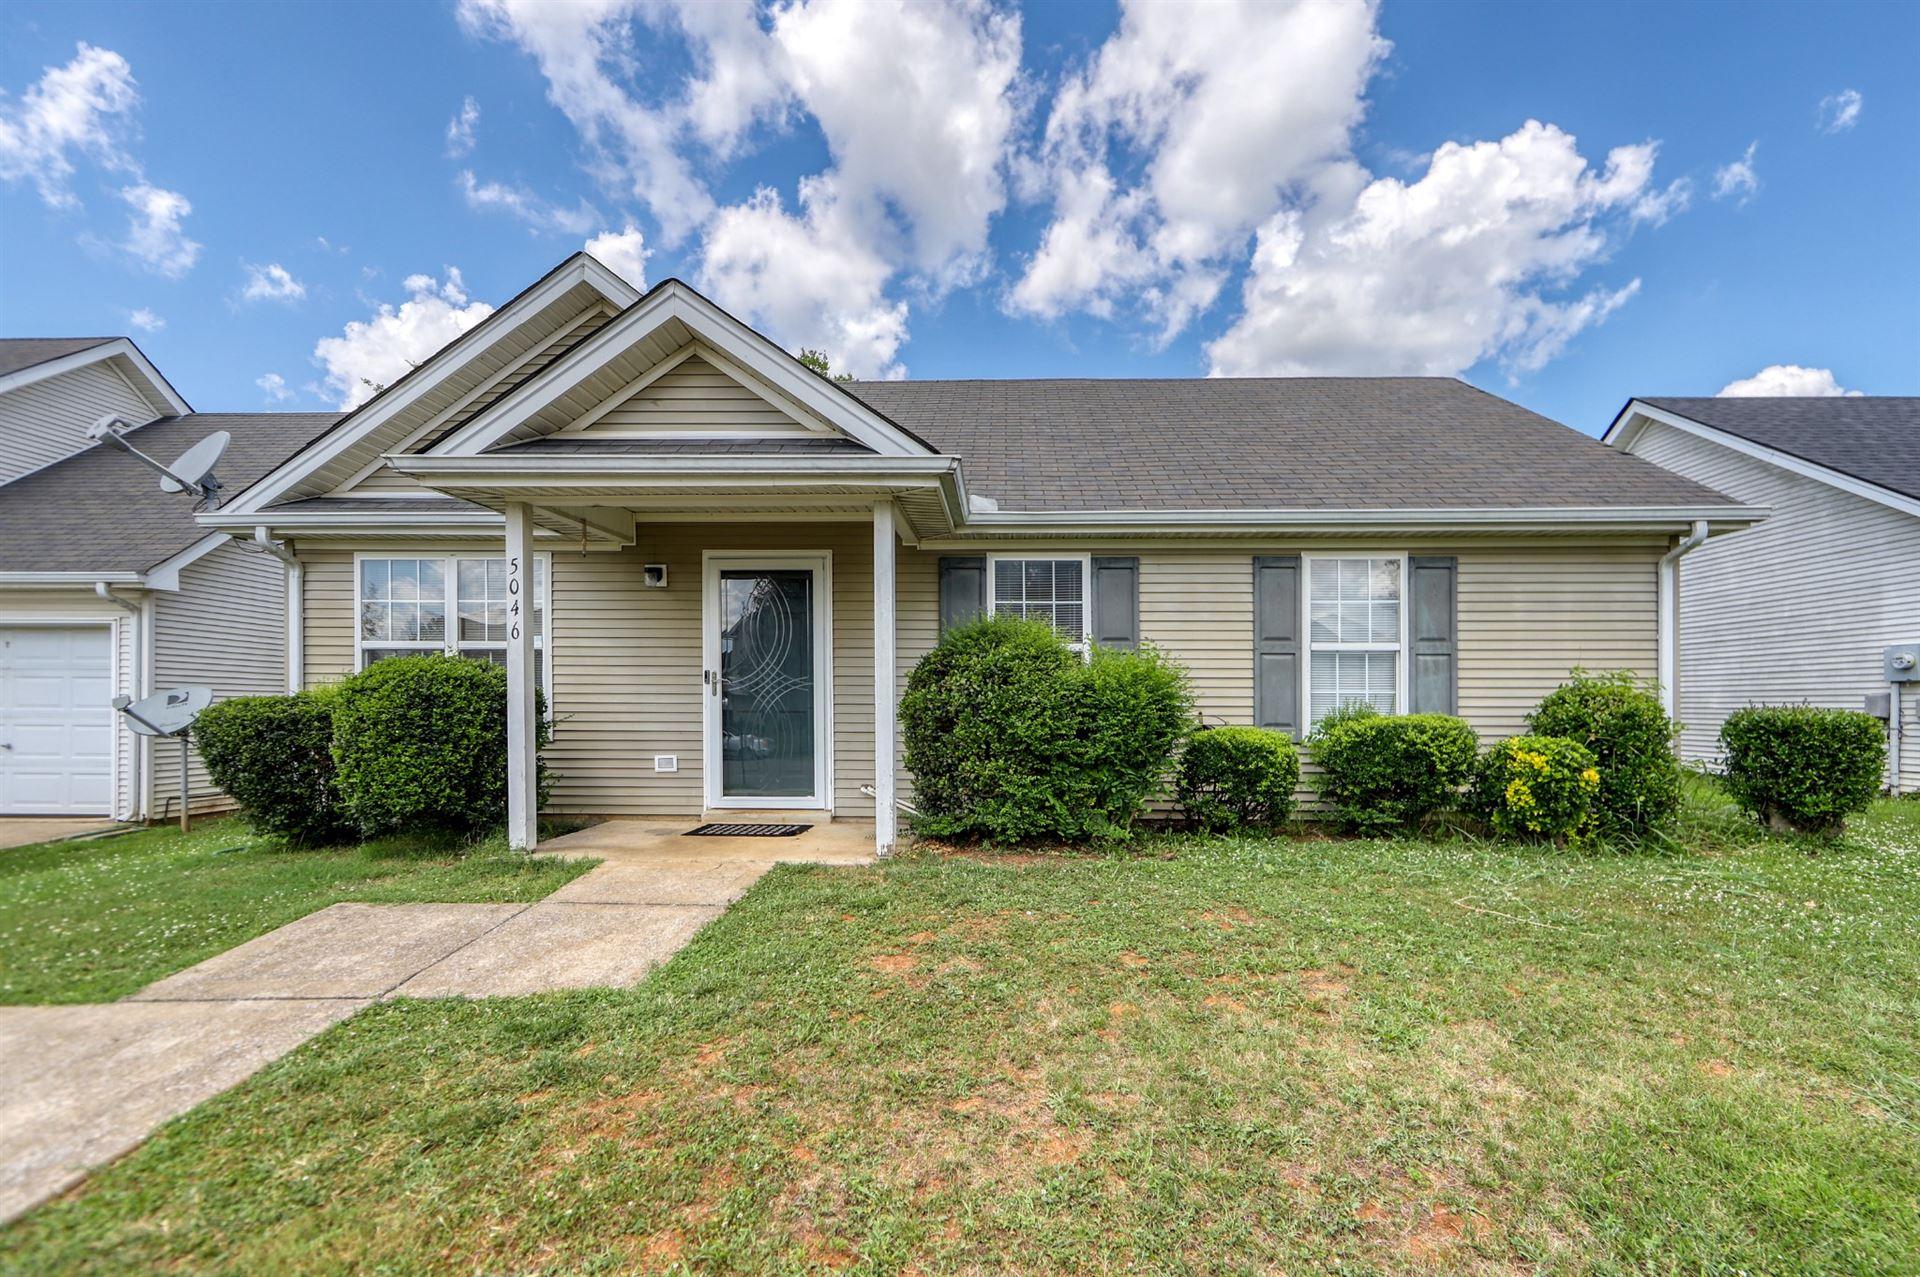 5046 Boyd Dr, Murfreesboro, TN 37129 - MLS#: 2270410